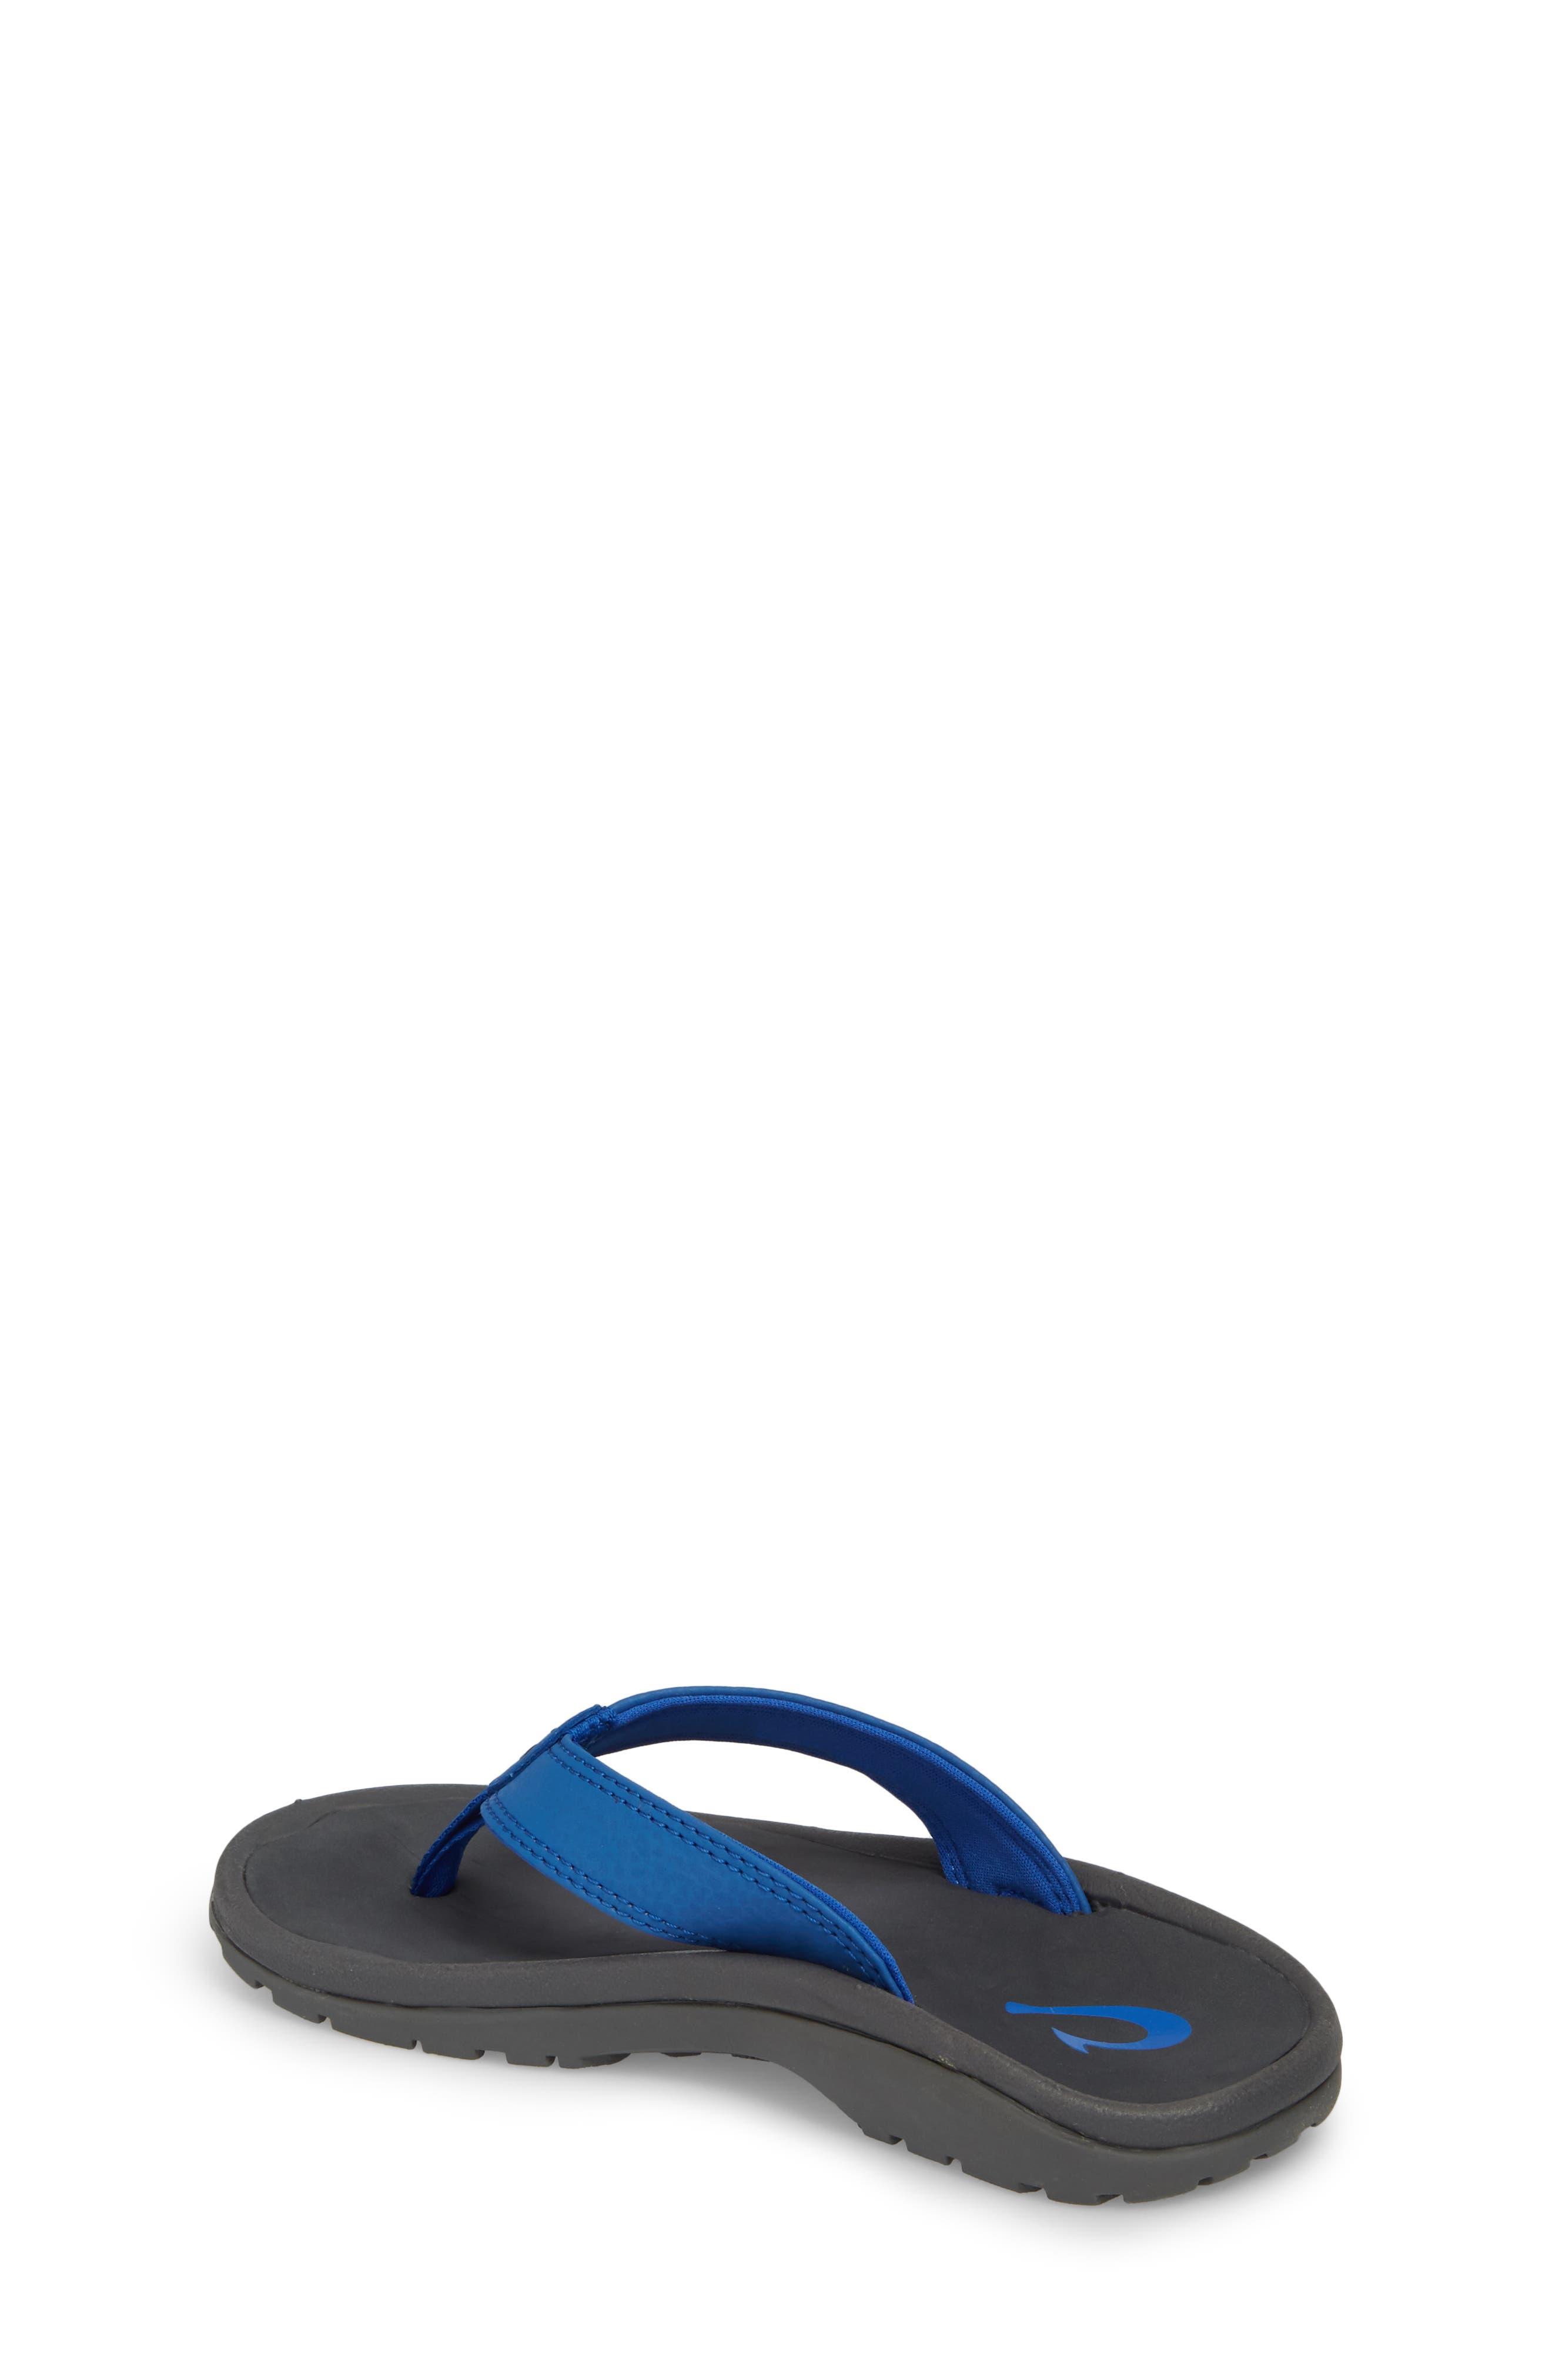 de4dd0280d62 Toddler Boys  Sandals Shoes (Sizes 7.5-12)